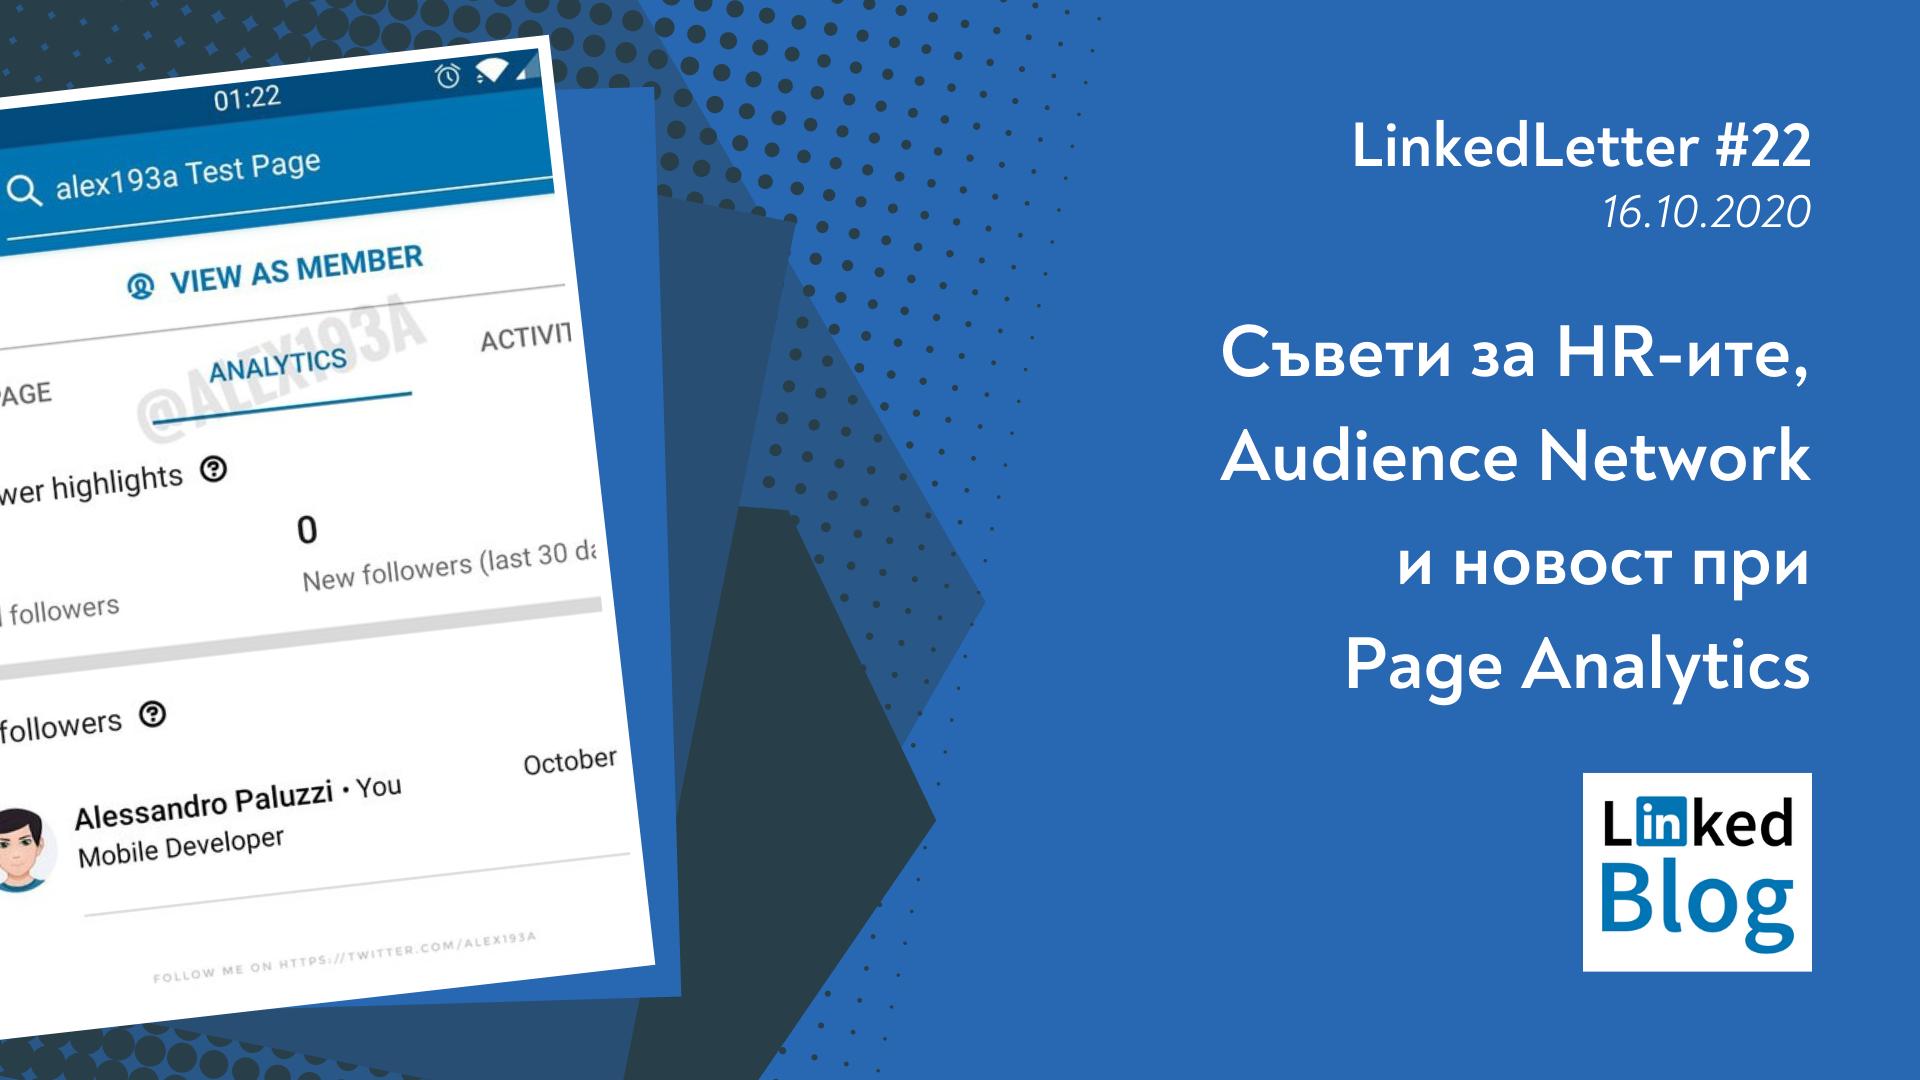 LinkedLetter 22 Cover Image